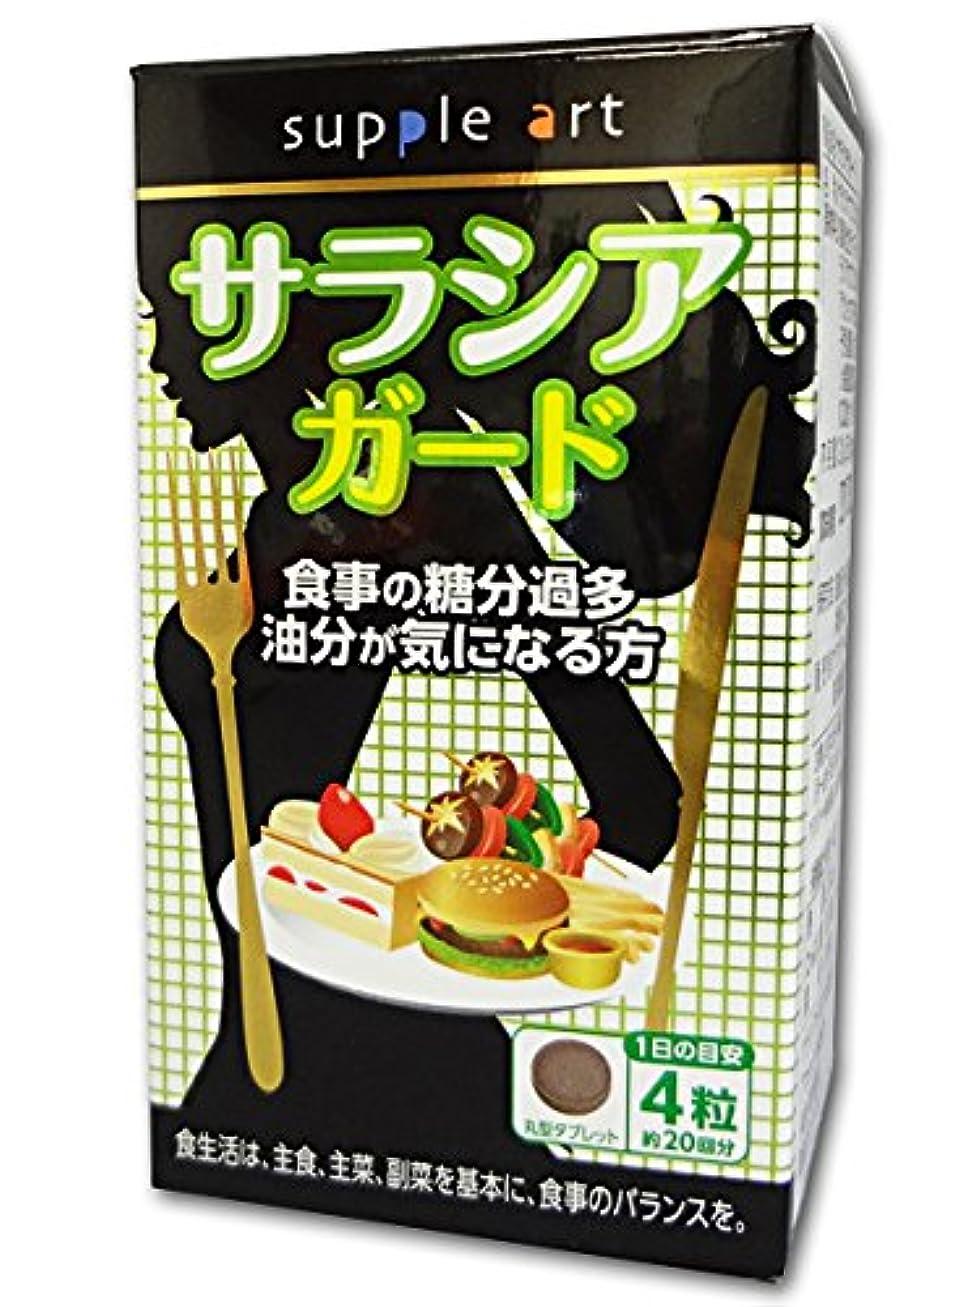 分析的な子安定サプリアート サラシアガード 食事の糖分過多油分が気になる方 80粒